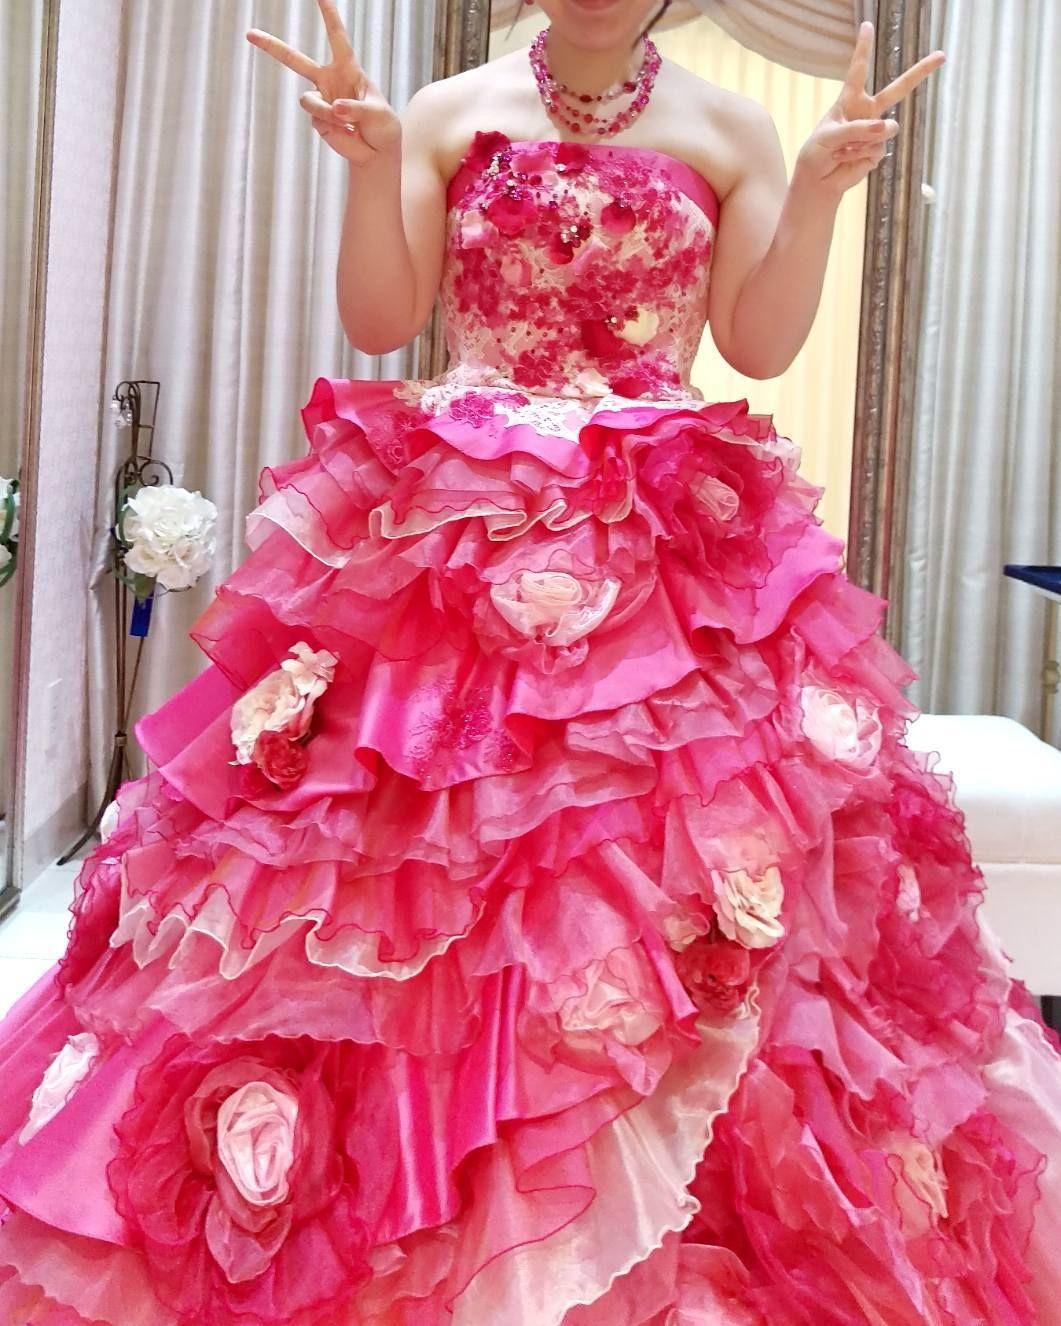 fc4574ad83046 綺麗なチェリーピンクでした  ドレス試着  カラードレス  アニヴェルセル  アニヴェルセル